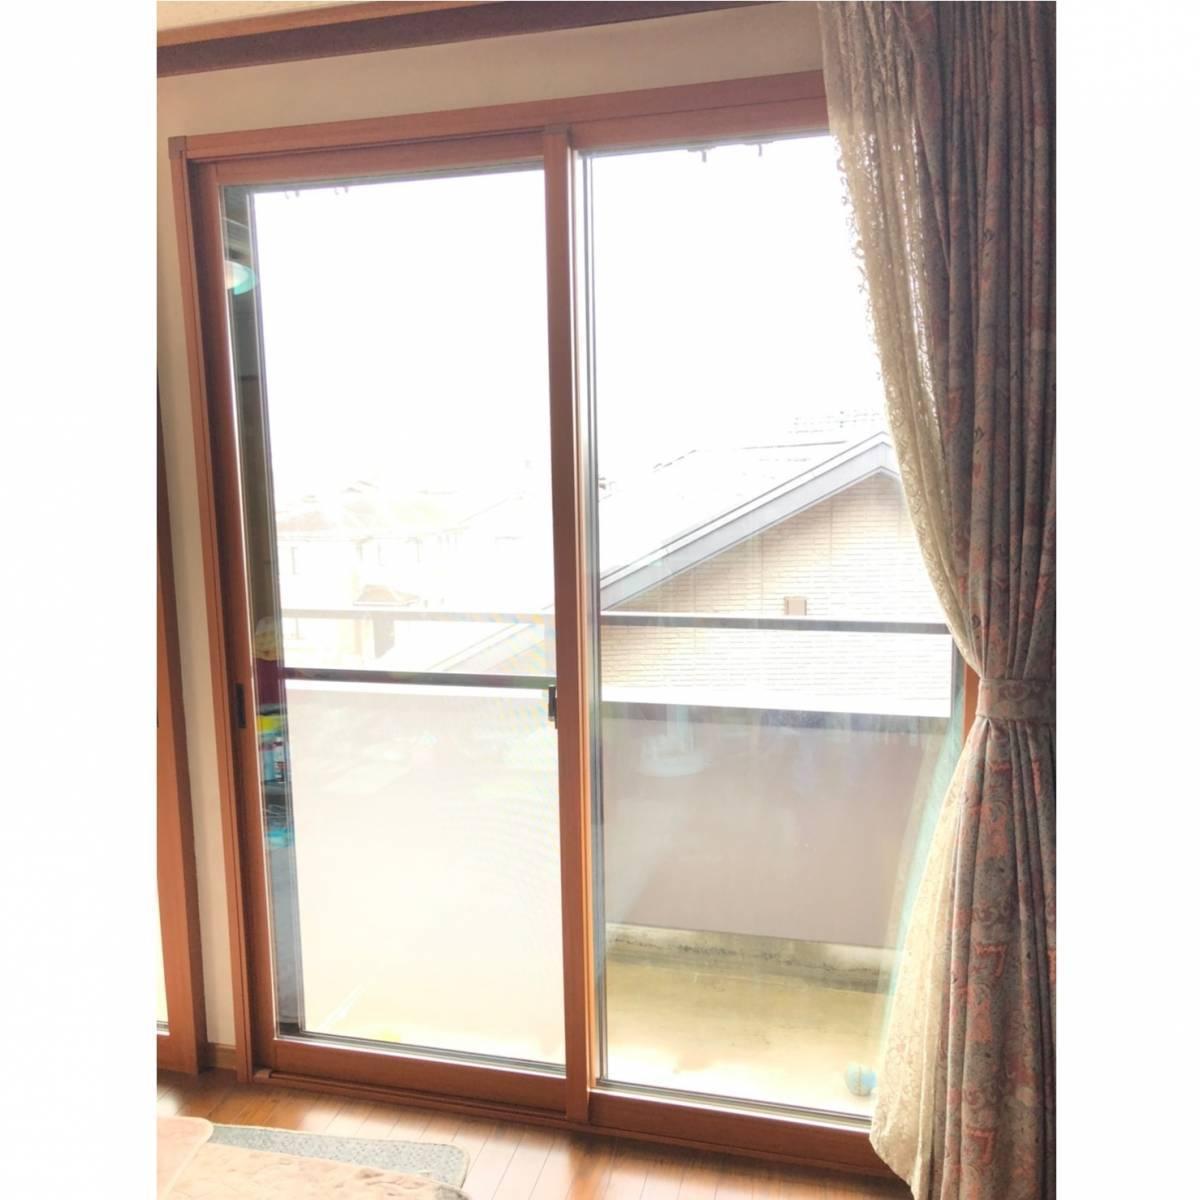 窓工房テラムラの効果が実感できたので、もう1窓インプラスをお願いしたいの施工後の写真1